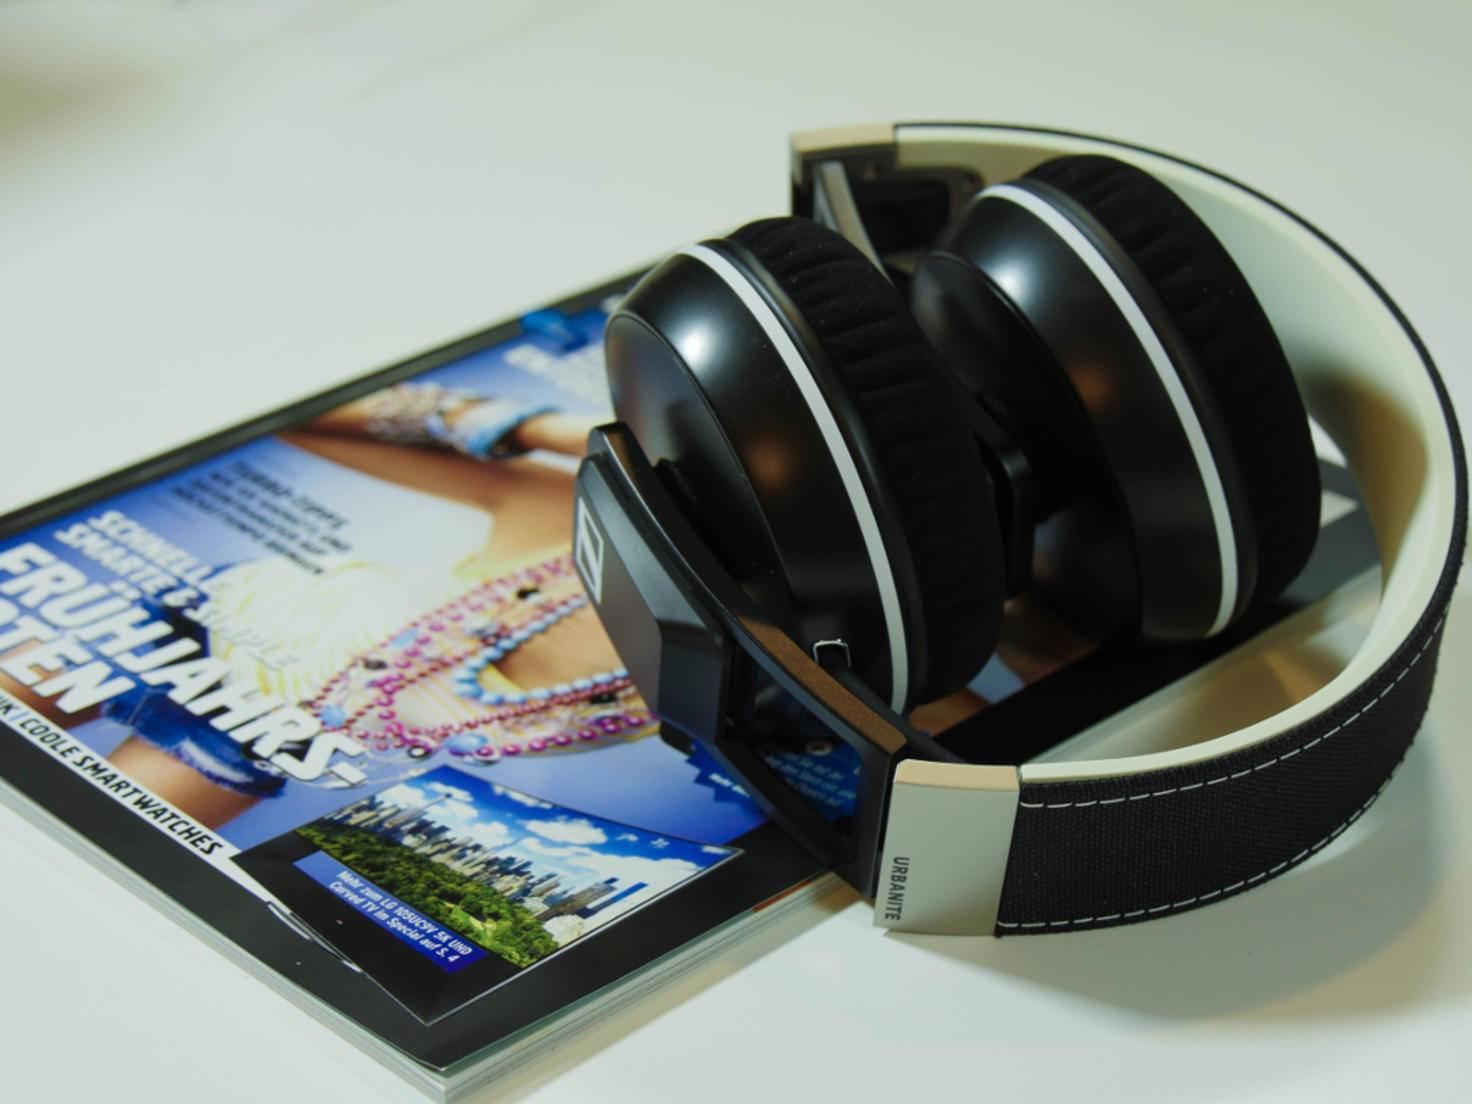 Für den Transport kann der Urbanite XL Wireless zusammengeklappt werden.